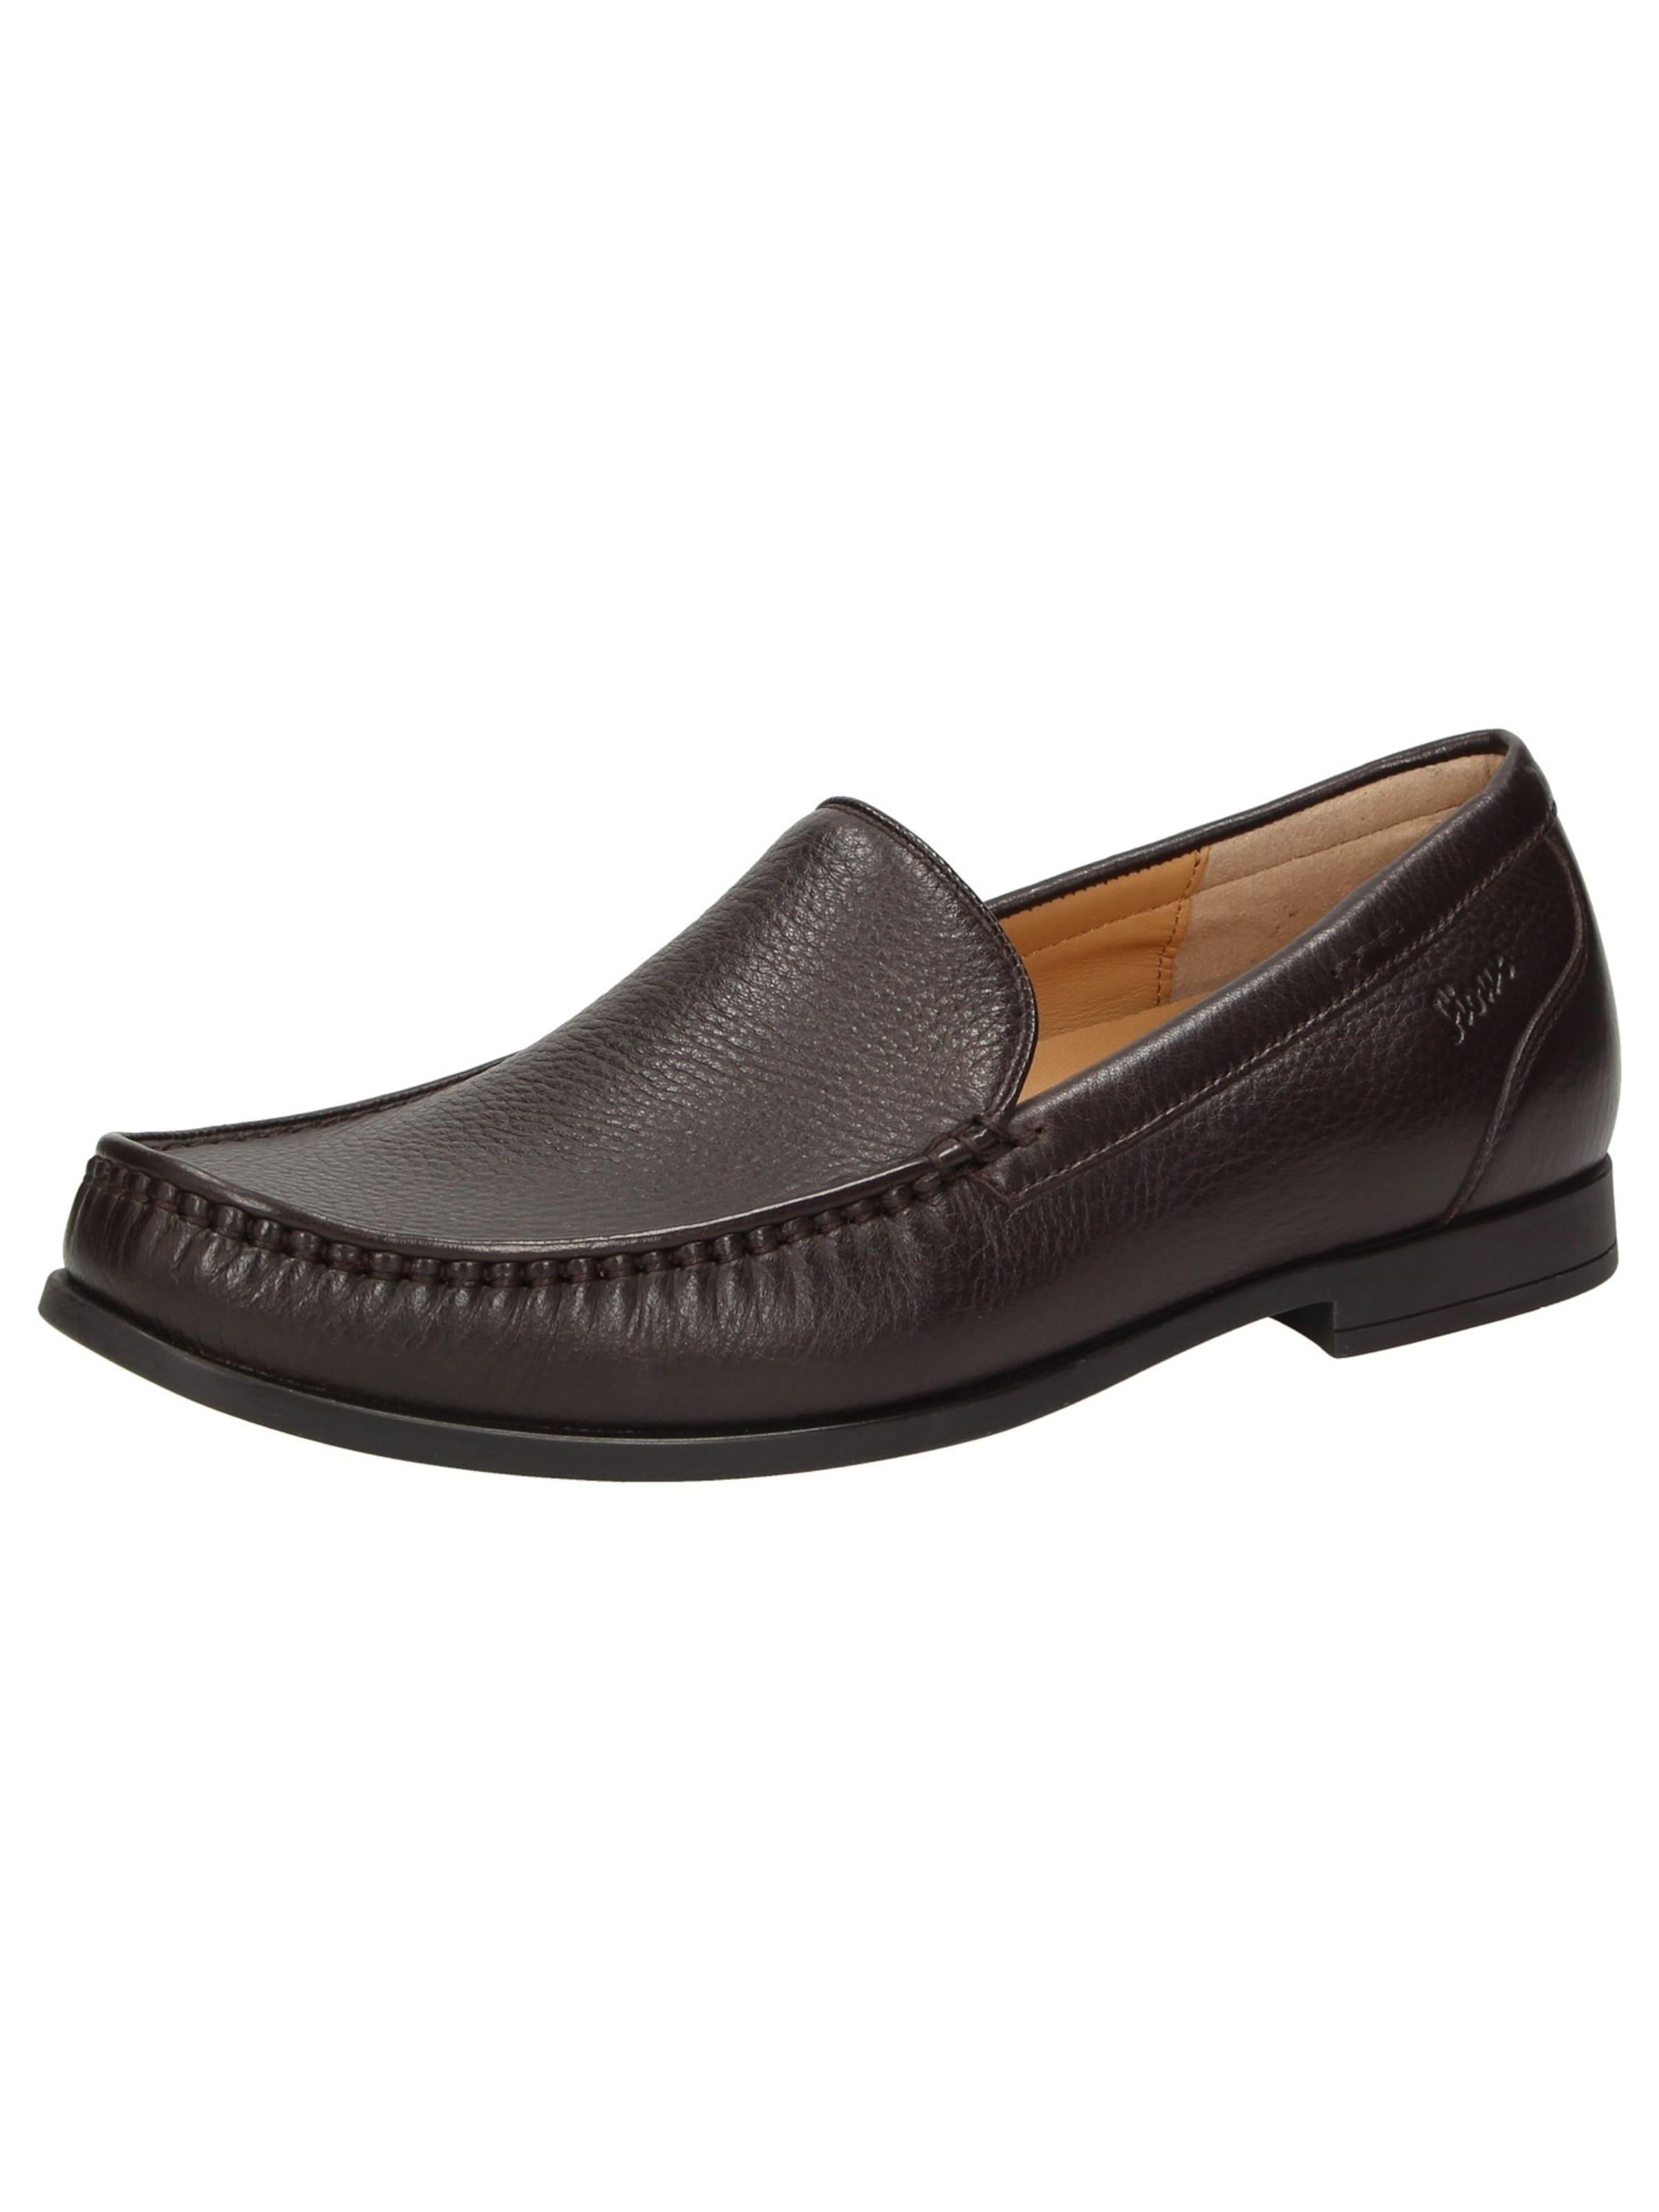 SIOUX Slipper Edvigo Verschleißfeste billige Schuhe